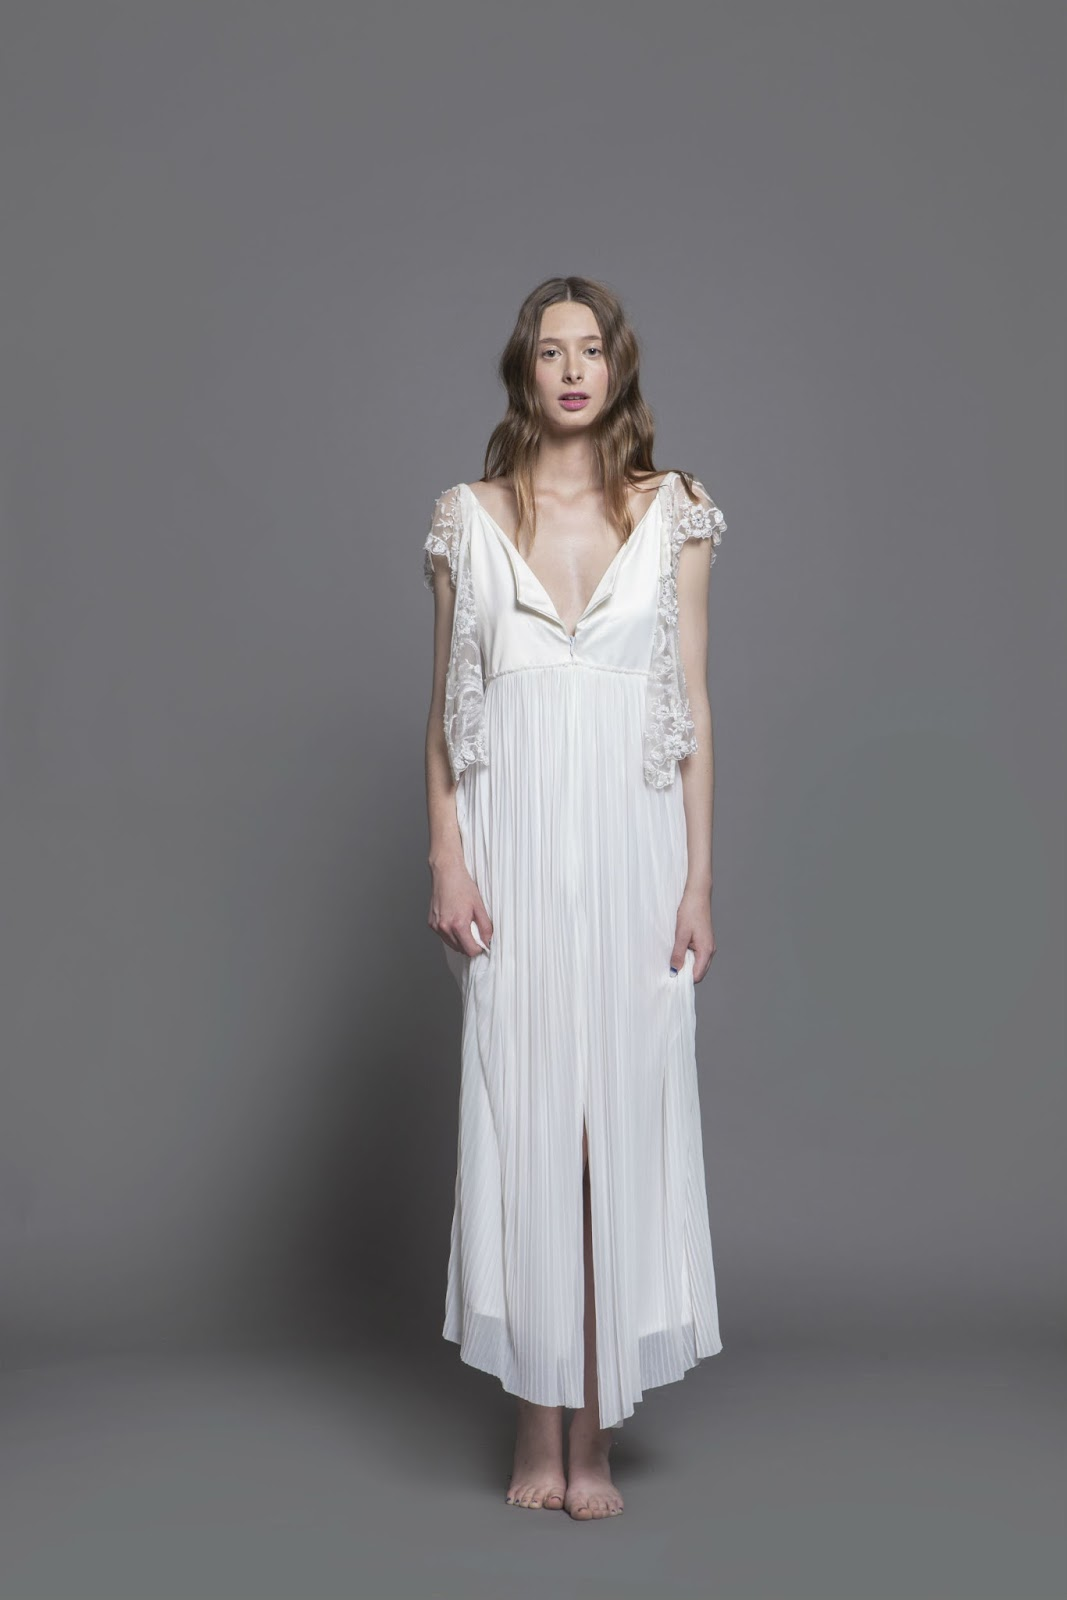 Confeccion de vestidos de novia en quilpue